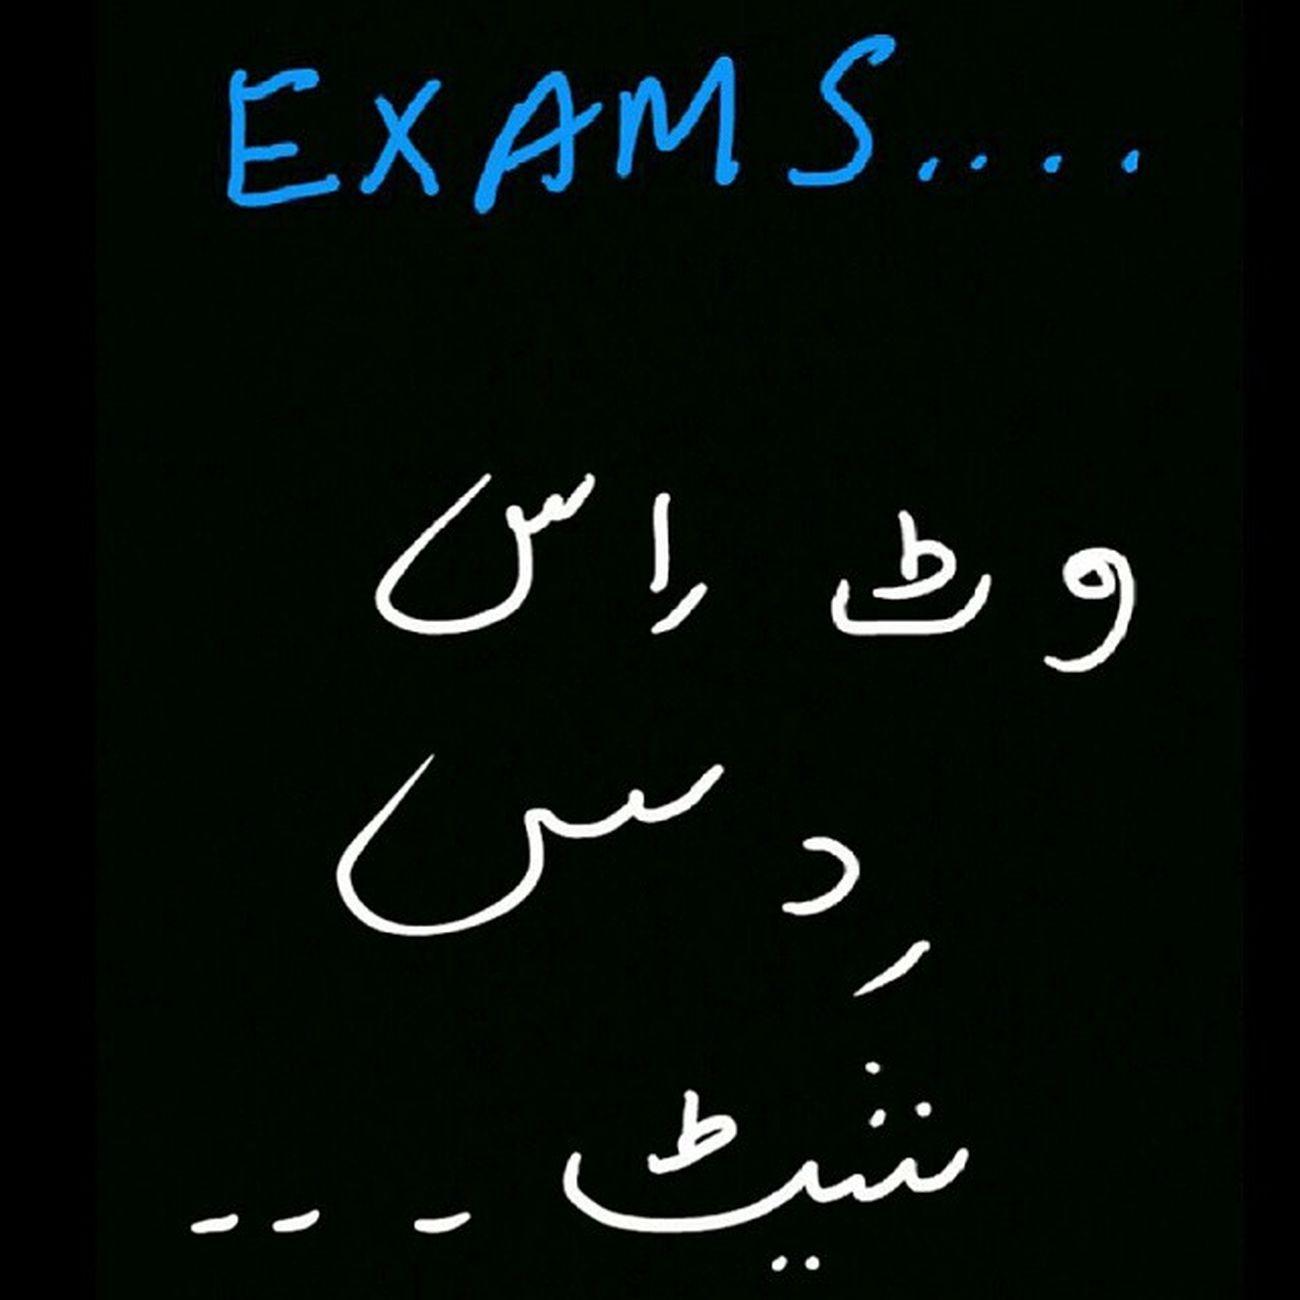 Exams Tmrw Goodbye Insta :/